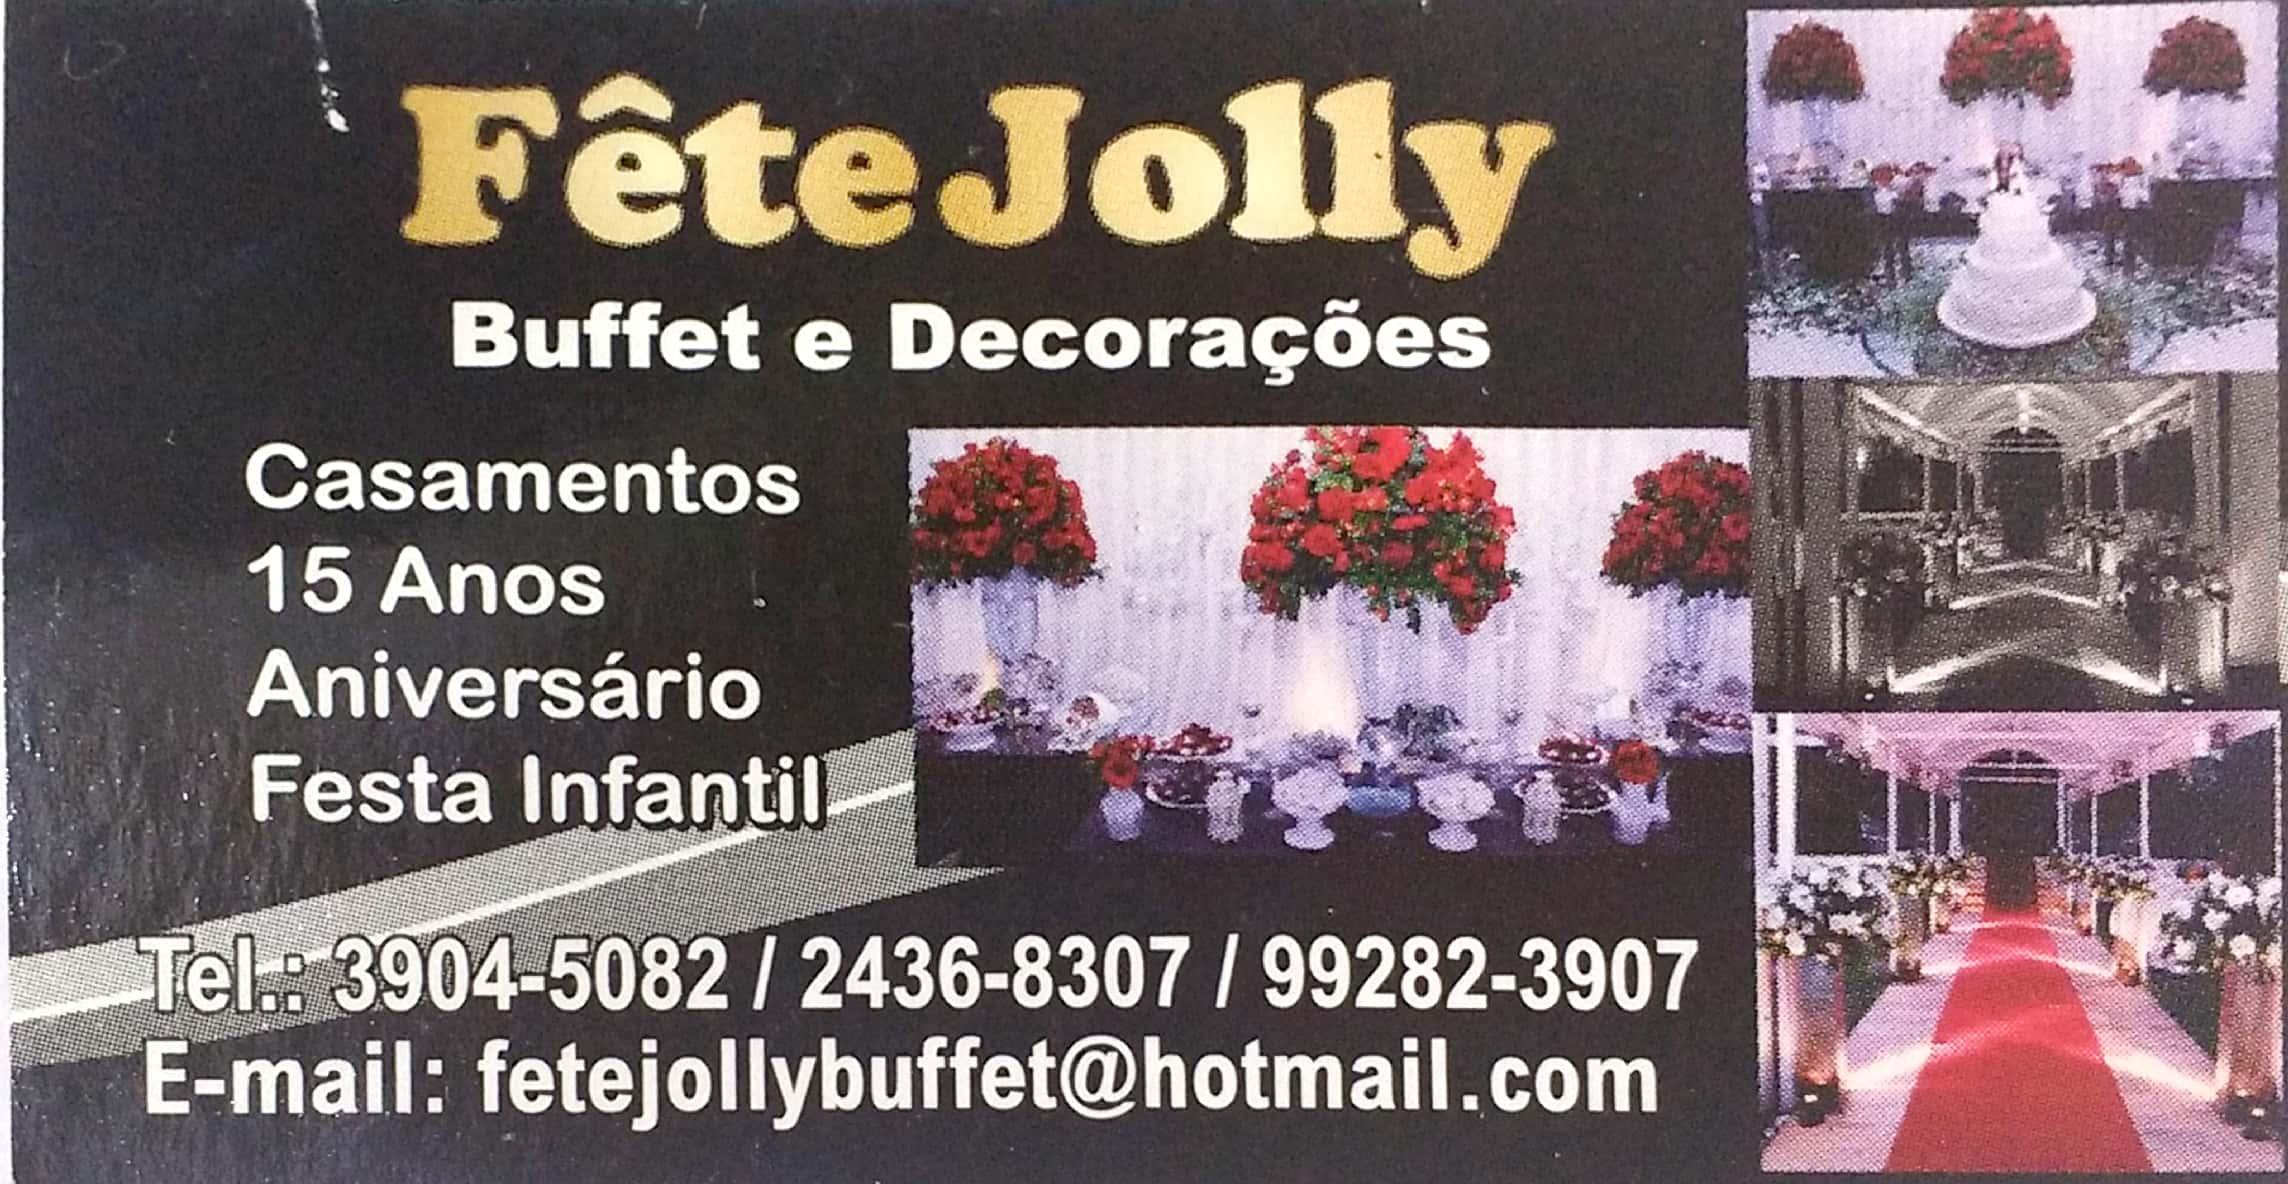 Fête Jolly Buffet e Decorações